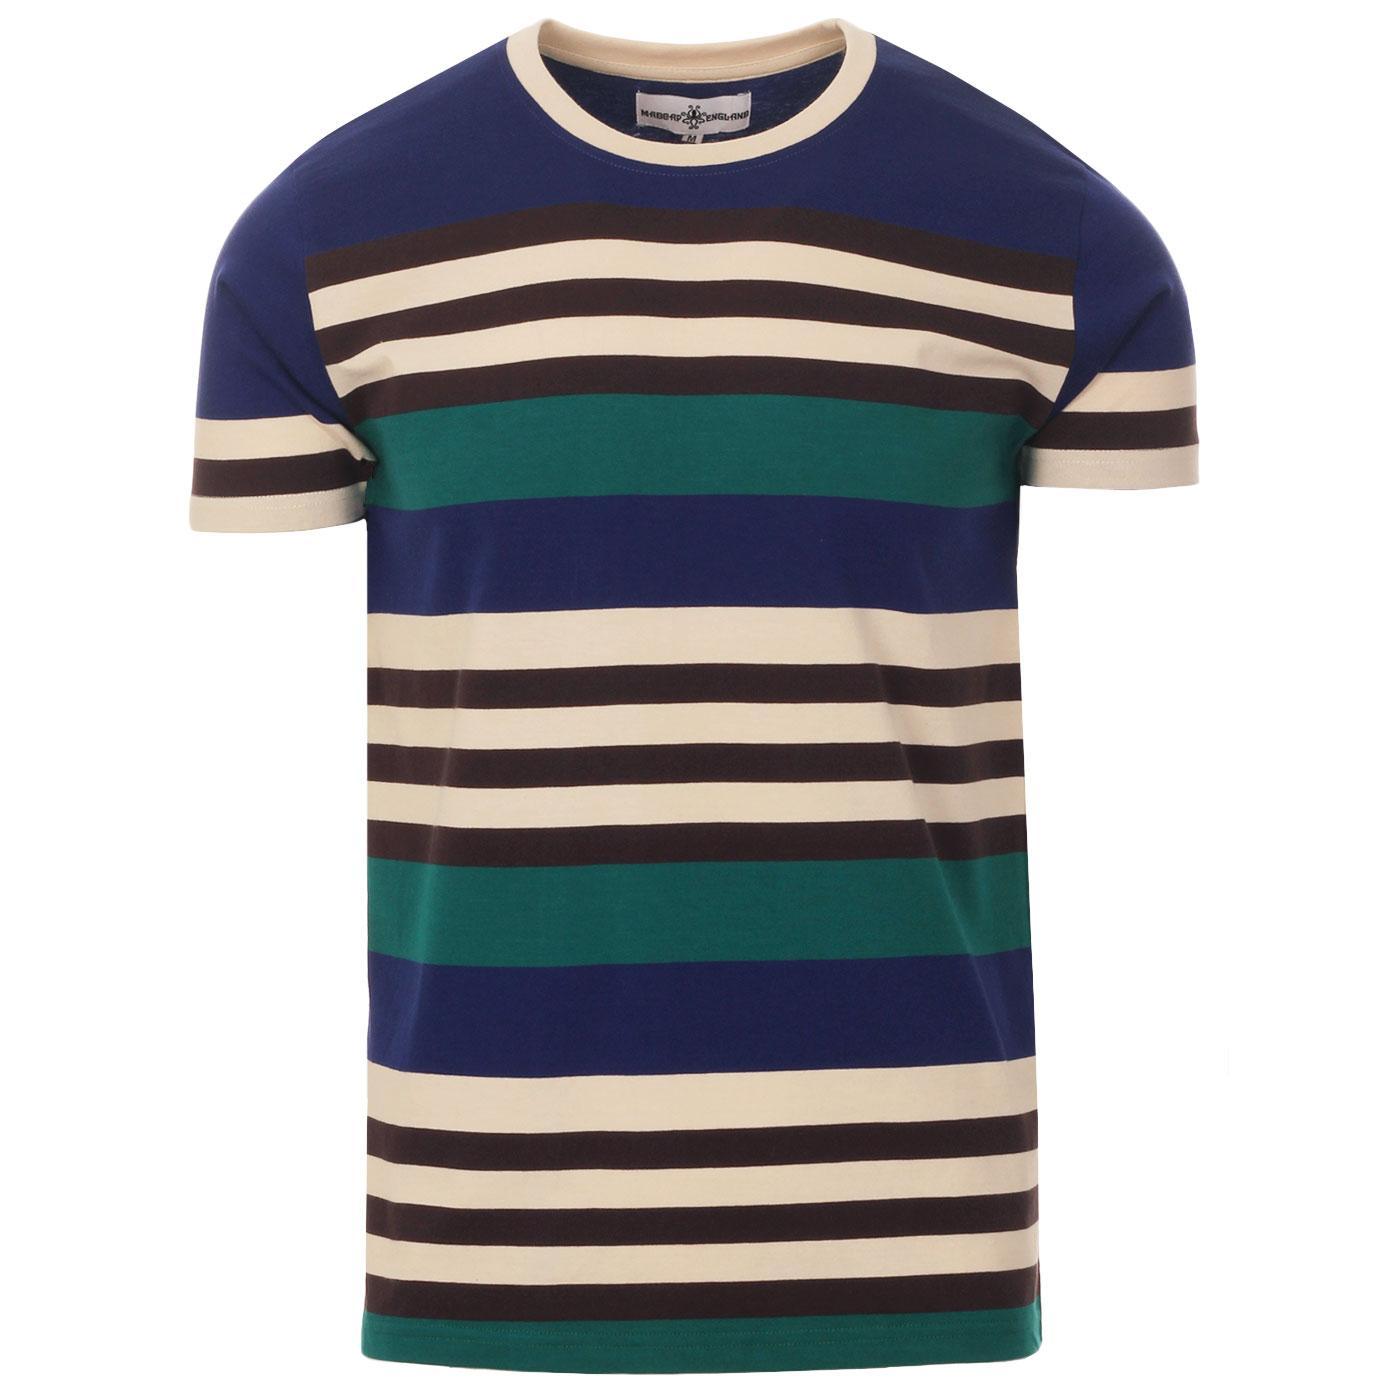 Cosmo MADCAP ENGLAND Retro 1970s Stripe T-shirt BB